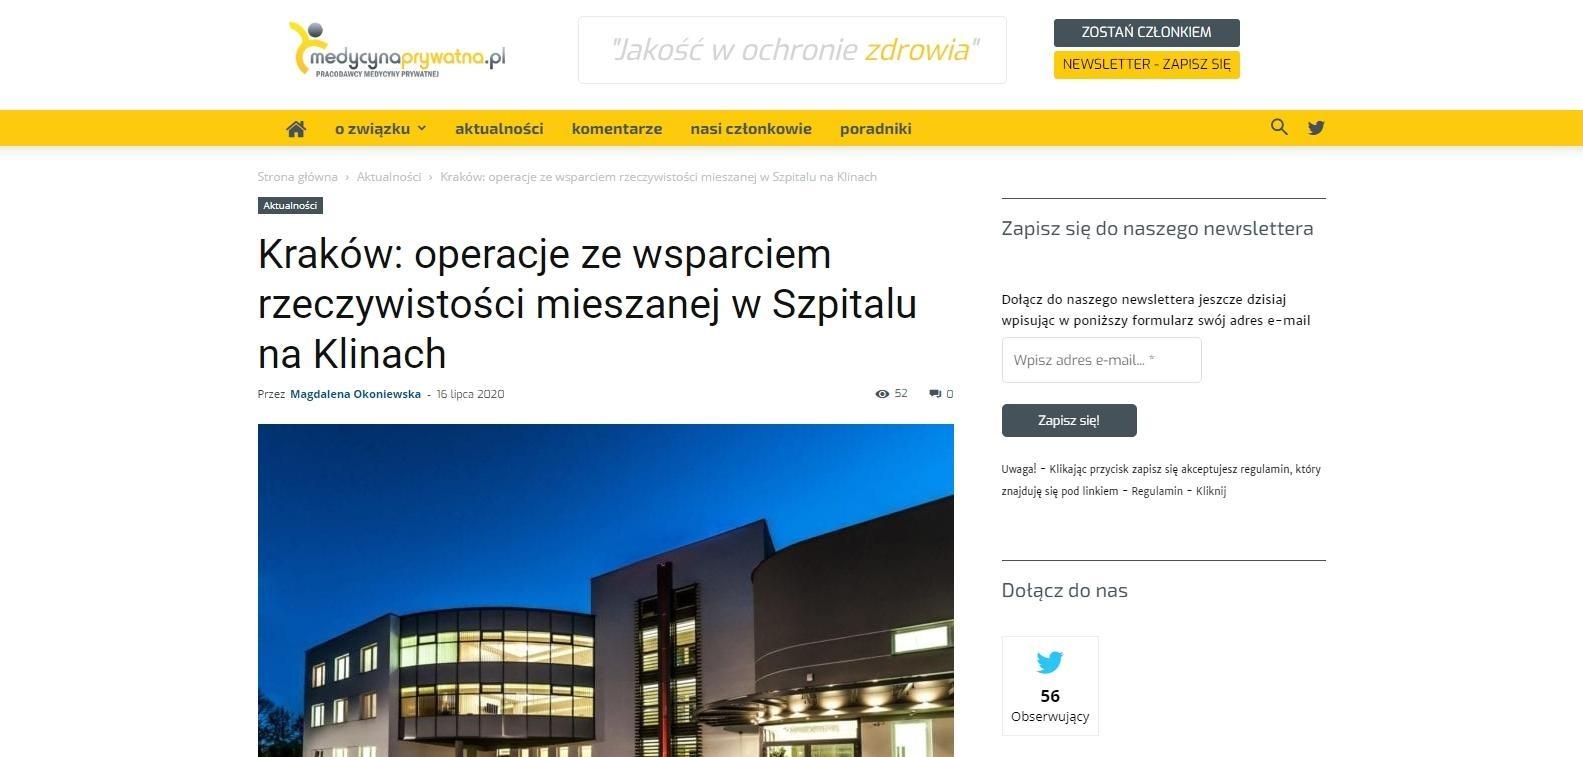 krakow operacje ze wsparciem rzeczywistosci mieszanej w szpitalu na klinach